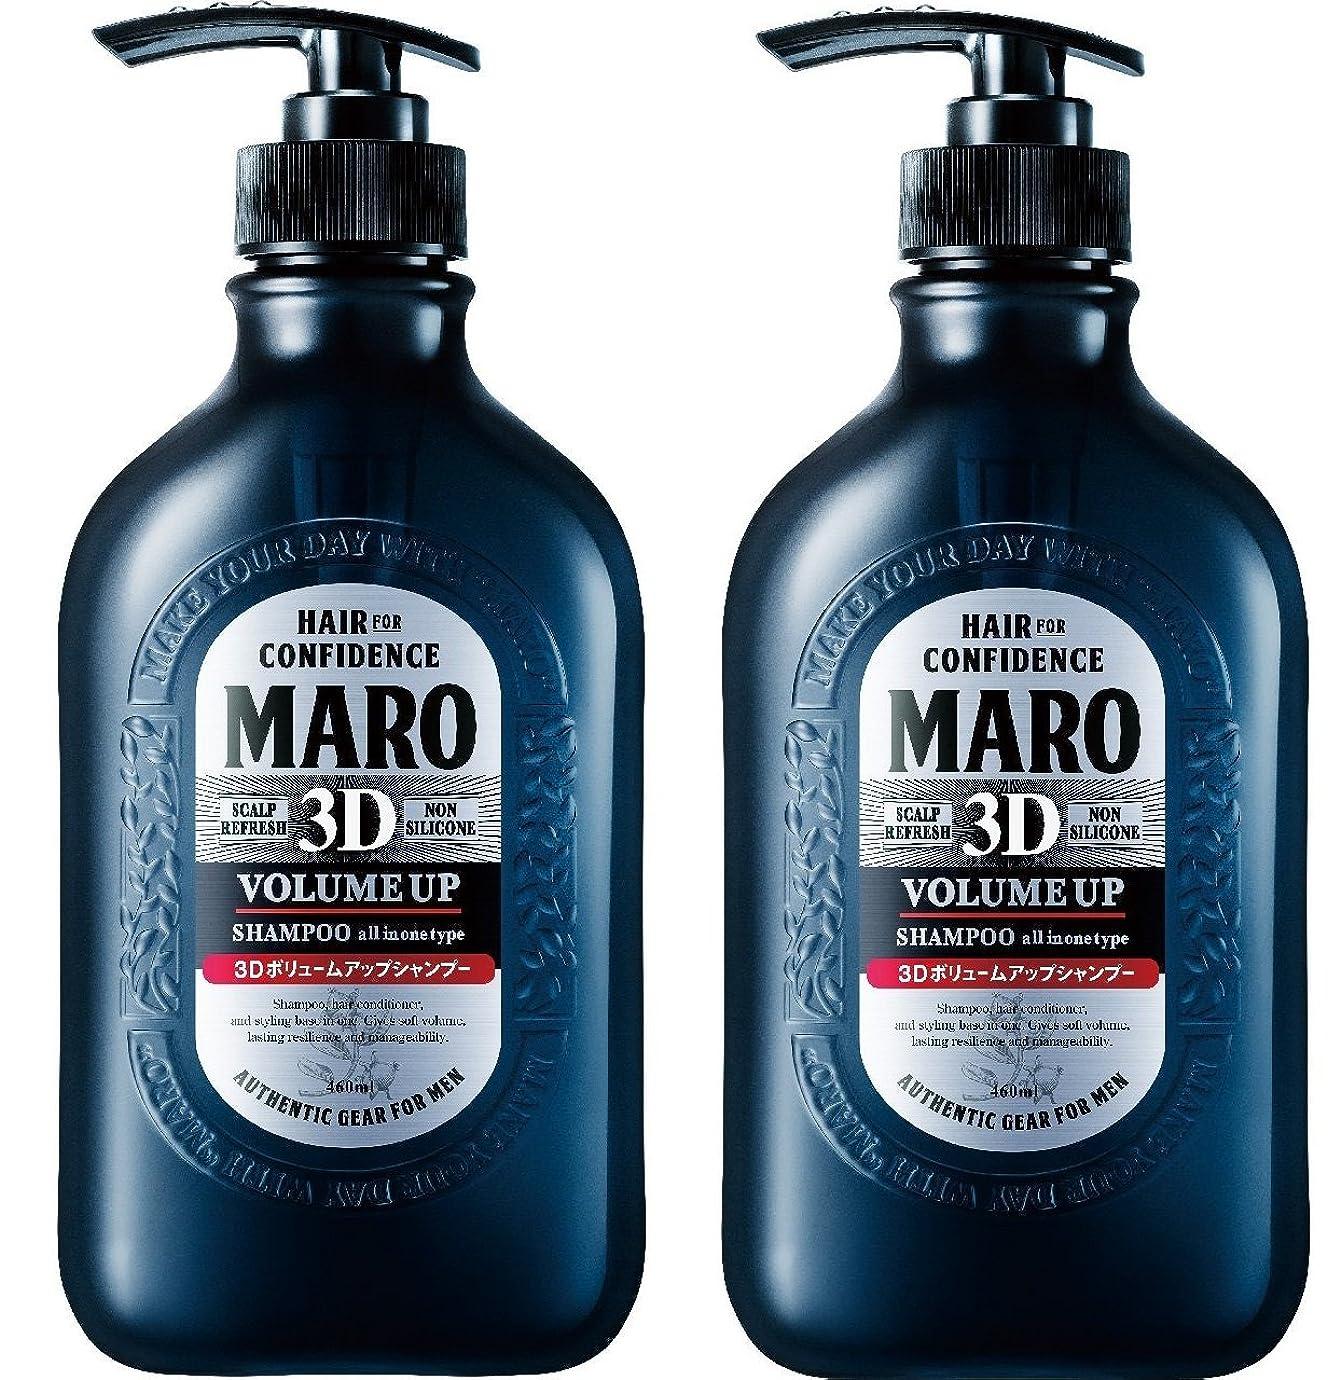 内なる欠陥締め切り【2個セット】MARO 3Dボリュームアップ シャンプー EX 460ml×2